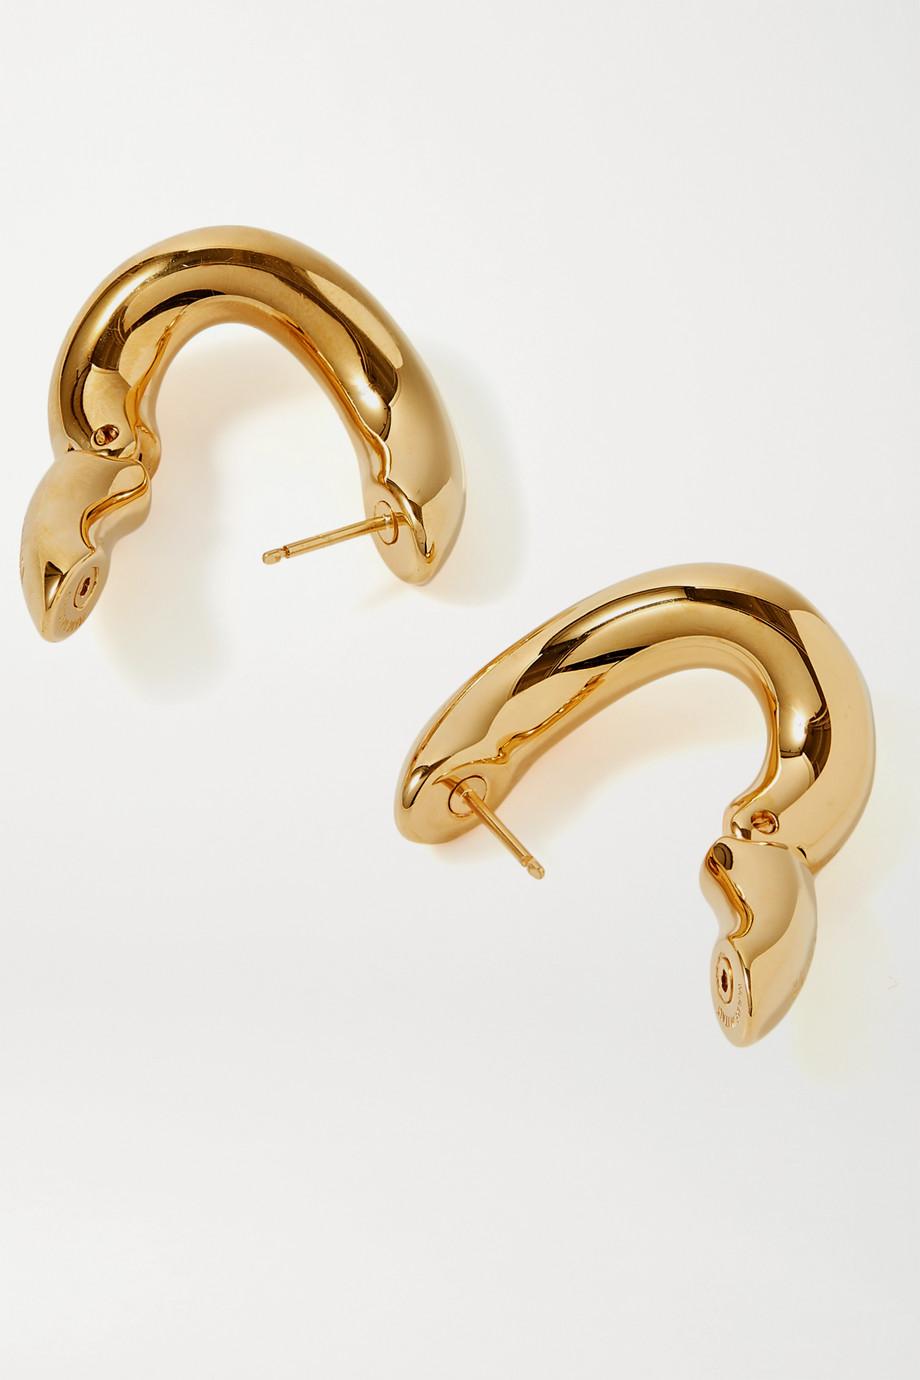 Balenciaga Loop goldfarbene Creolen